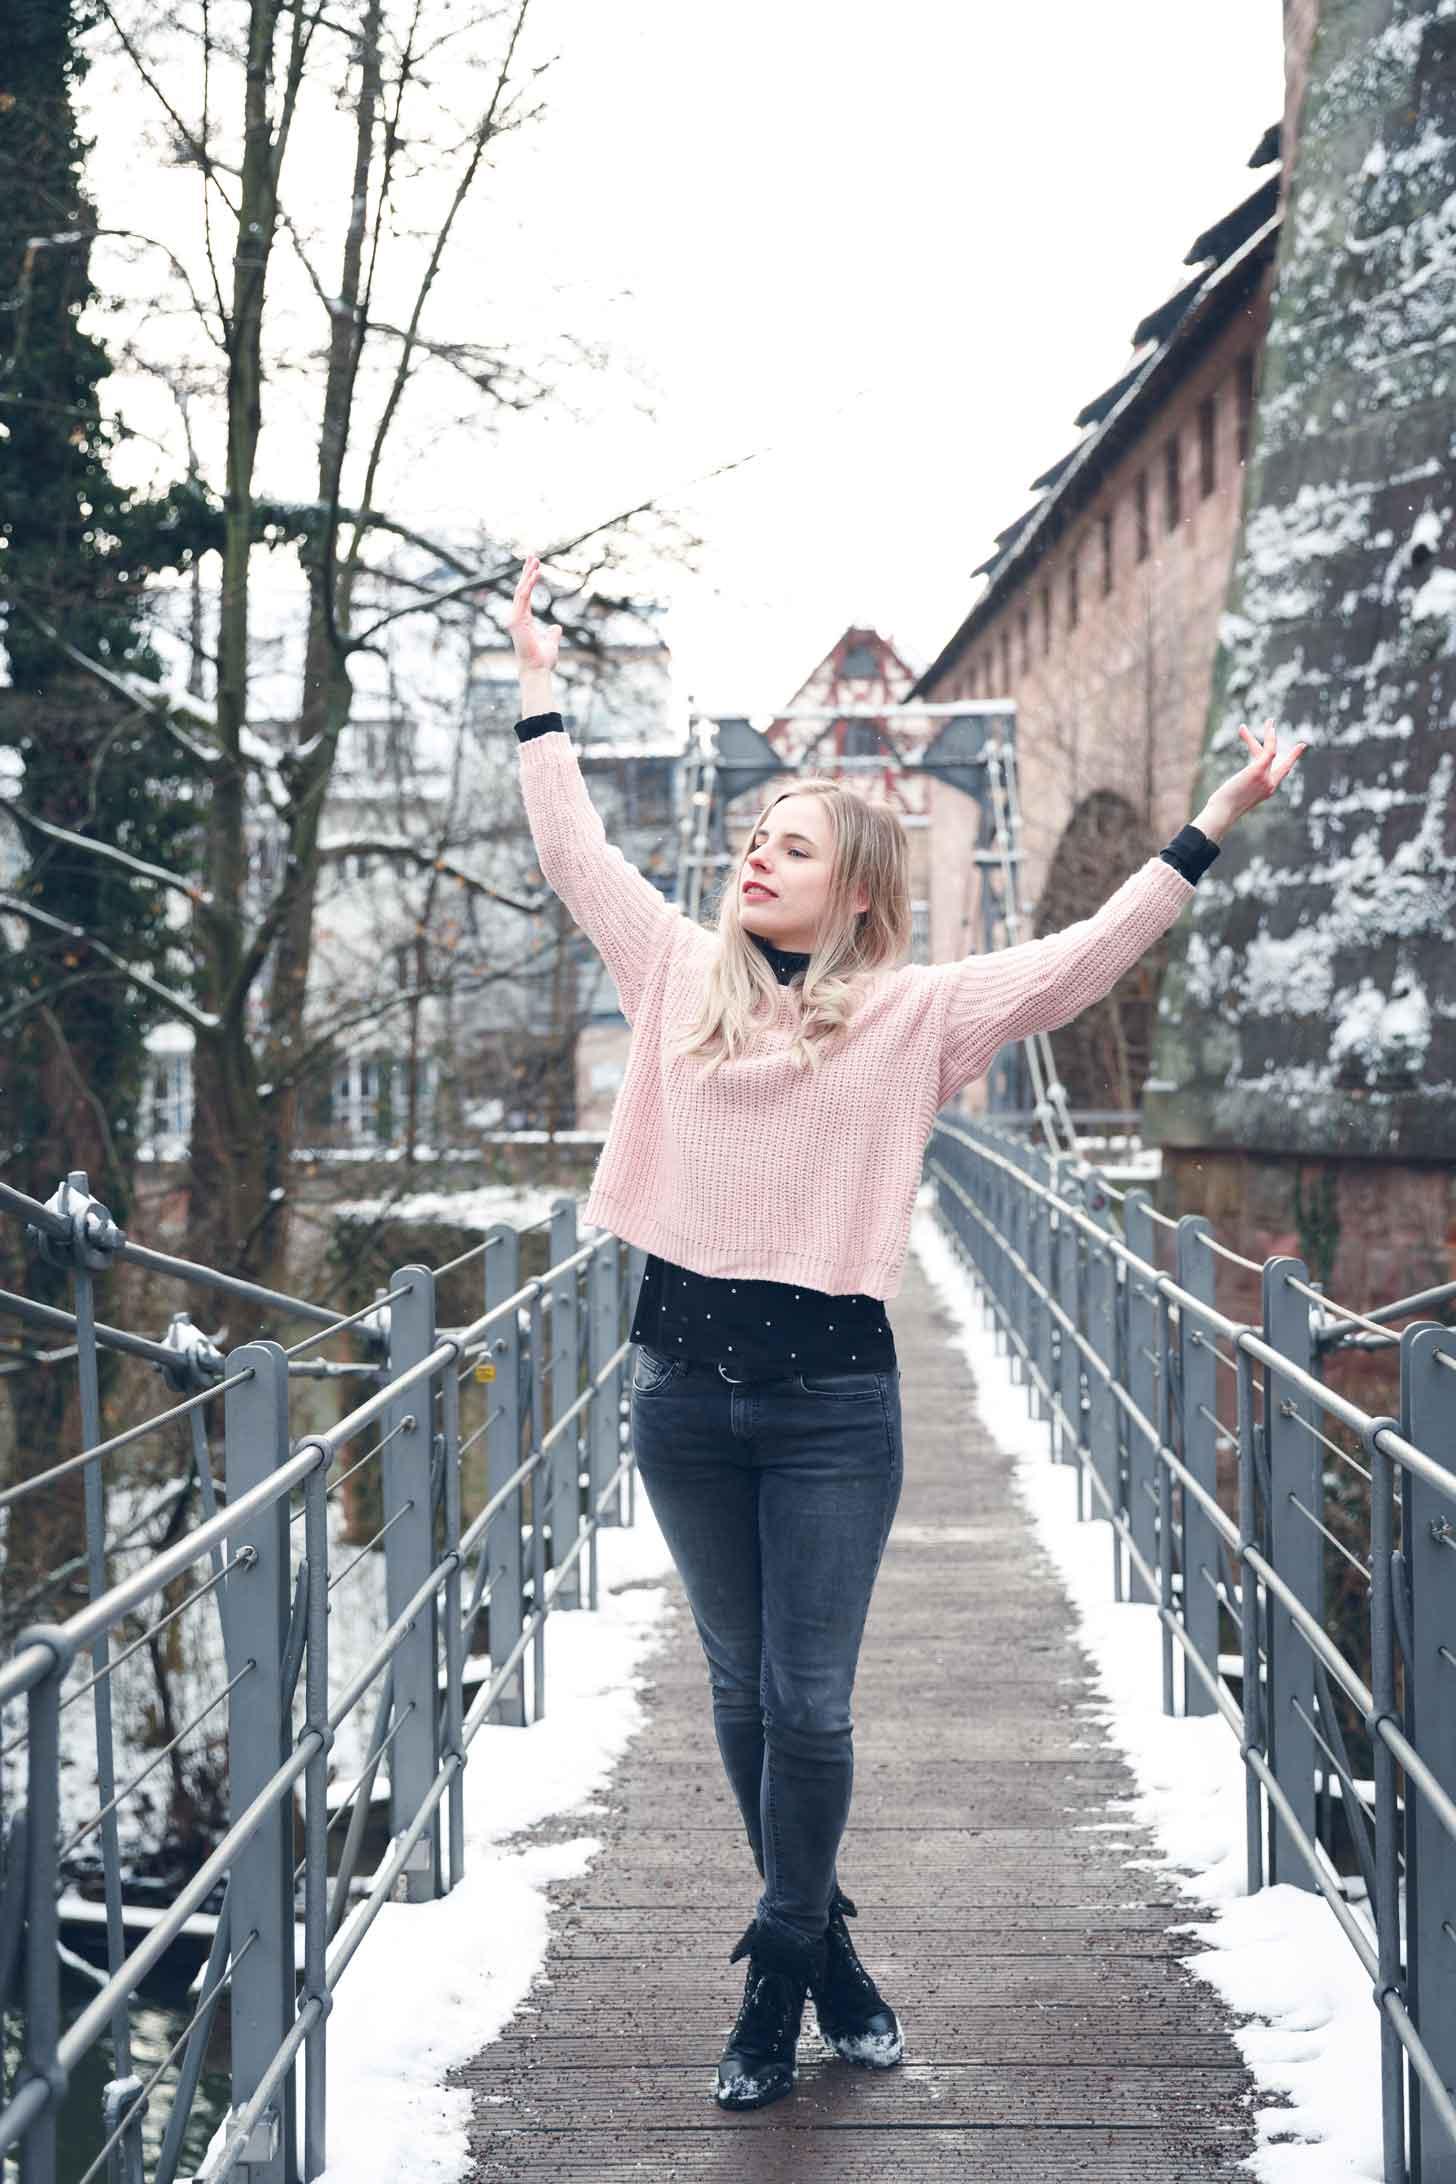 Winterliche Portraits bei Schnee und eisigen Temperaturen IMG 6587w